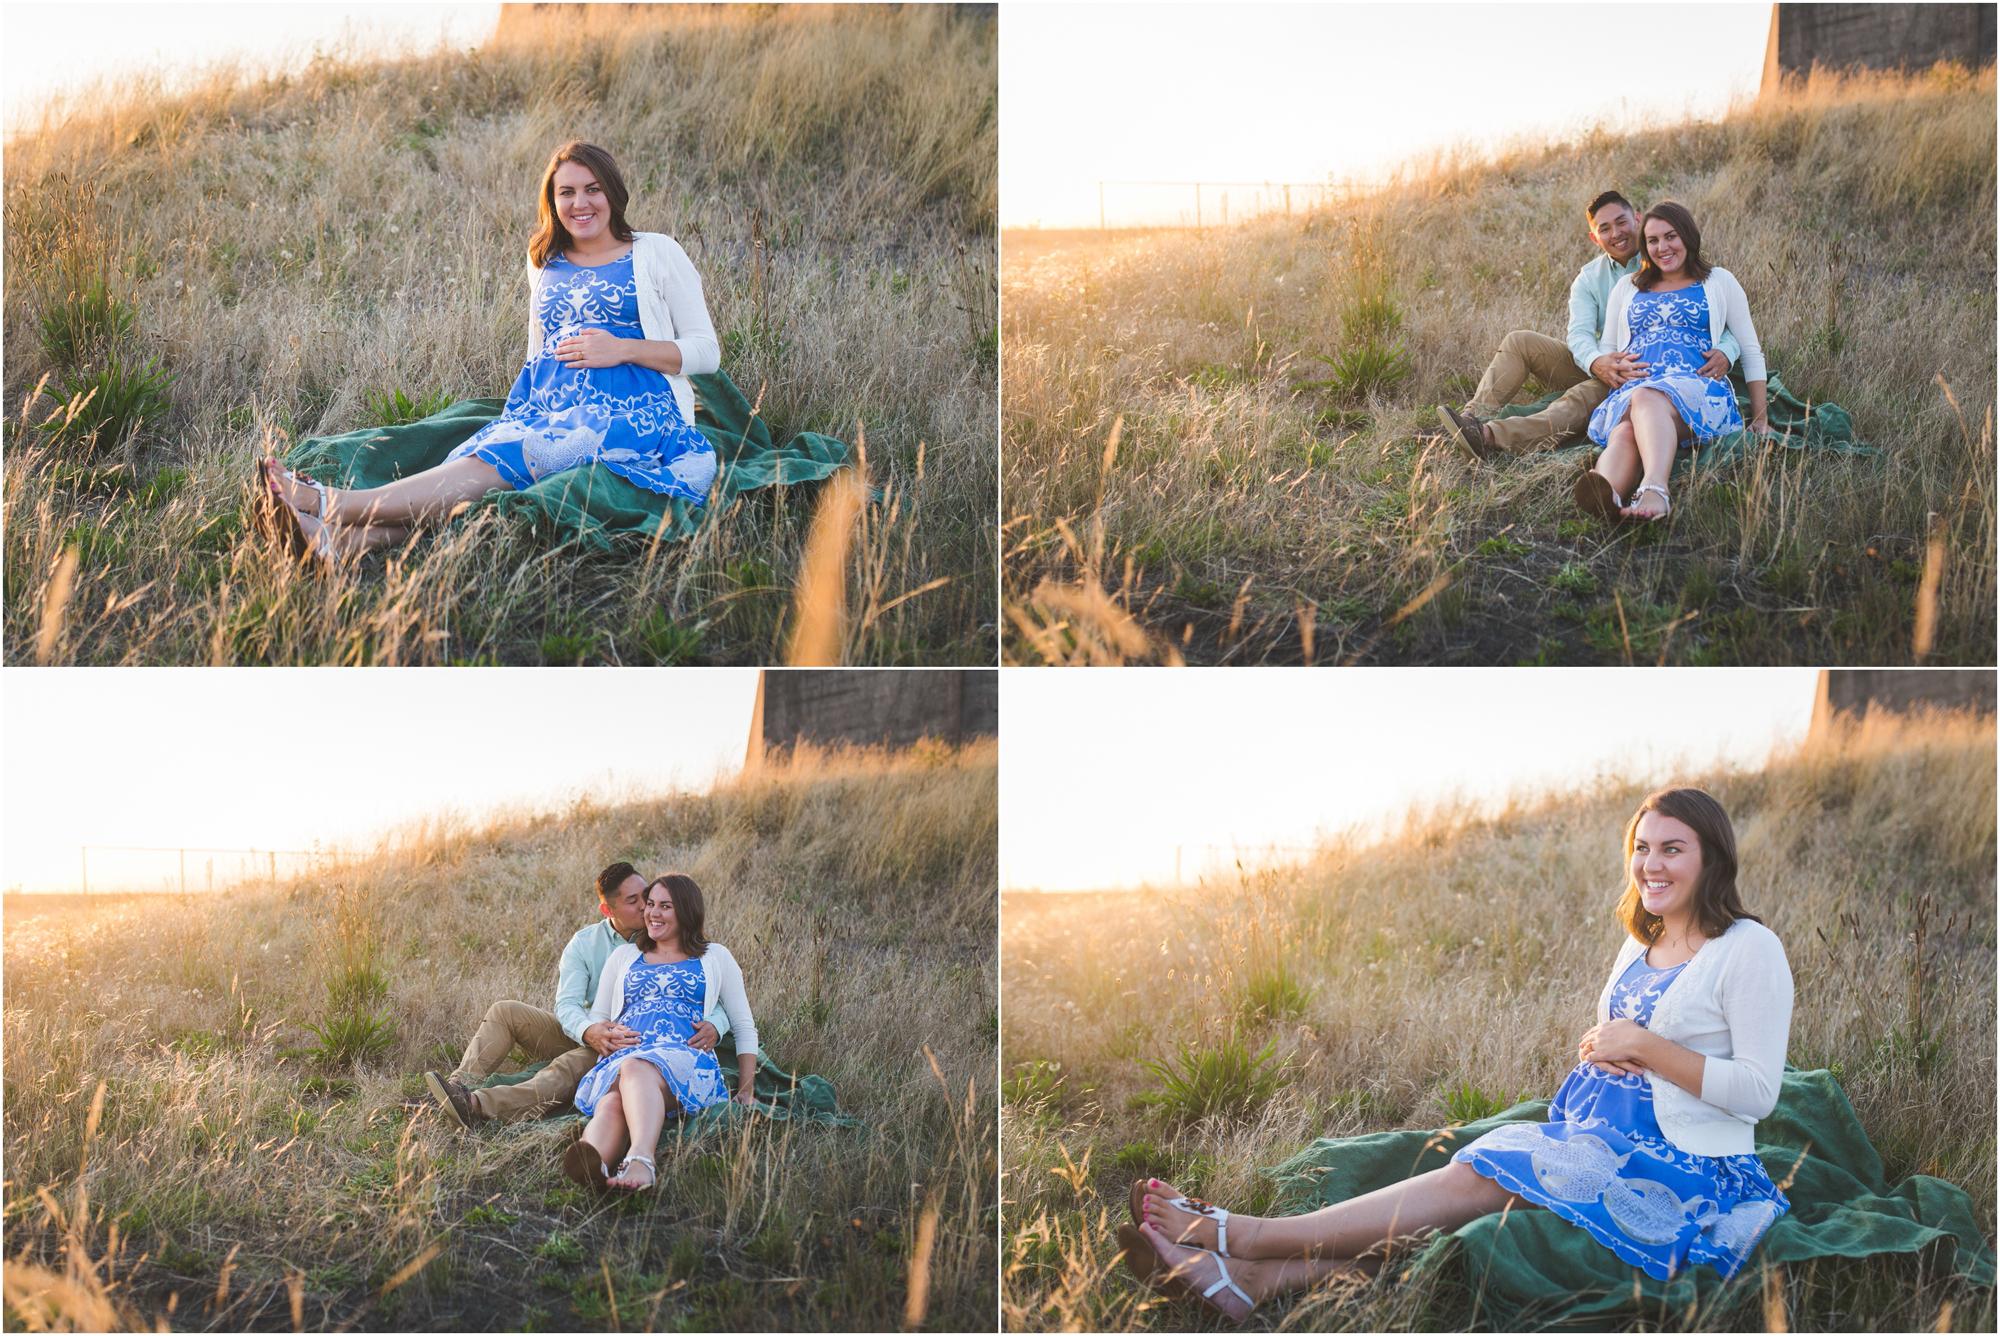 ashley vos photography seattle tacoma area maternity photographer_0735.jpg